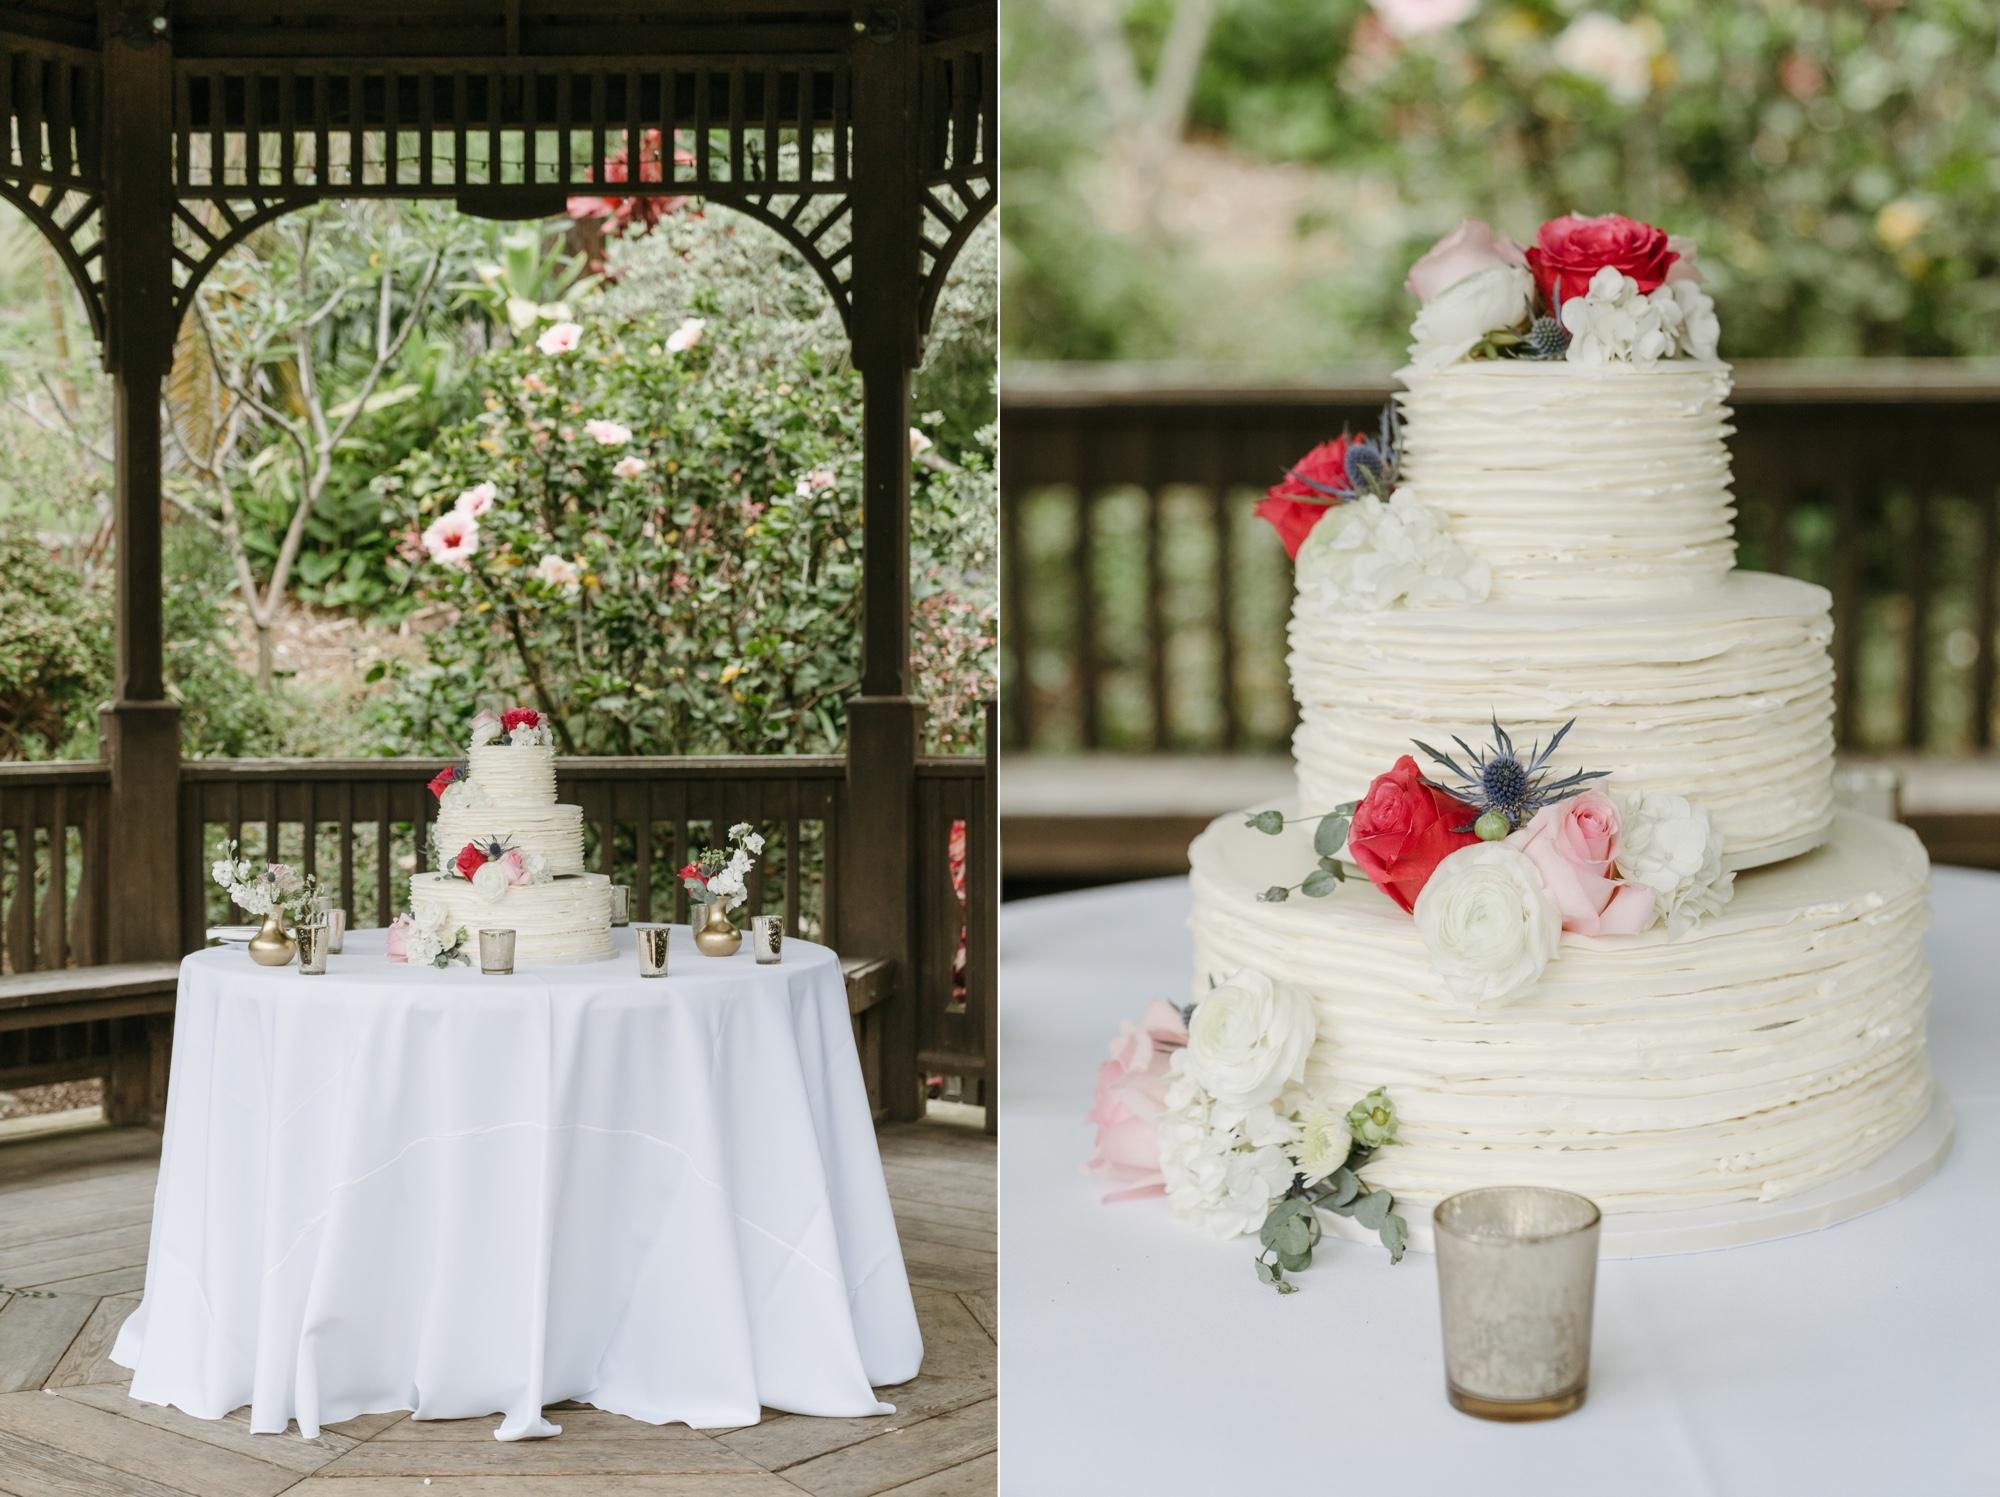 056_Shawna and Steve's Wedding-348_Shawna and Steve's Wedding-350.jpg